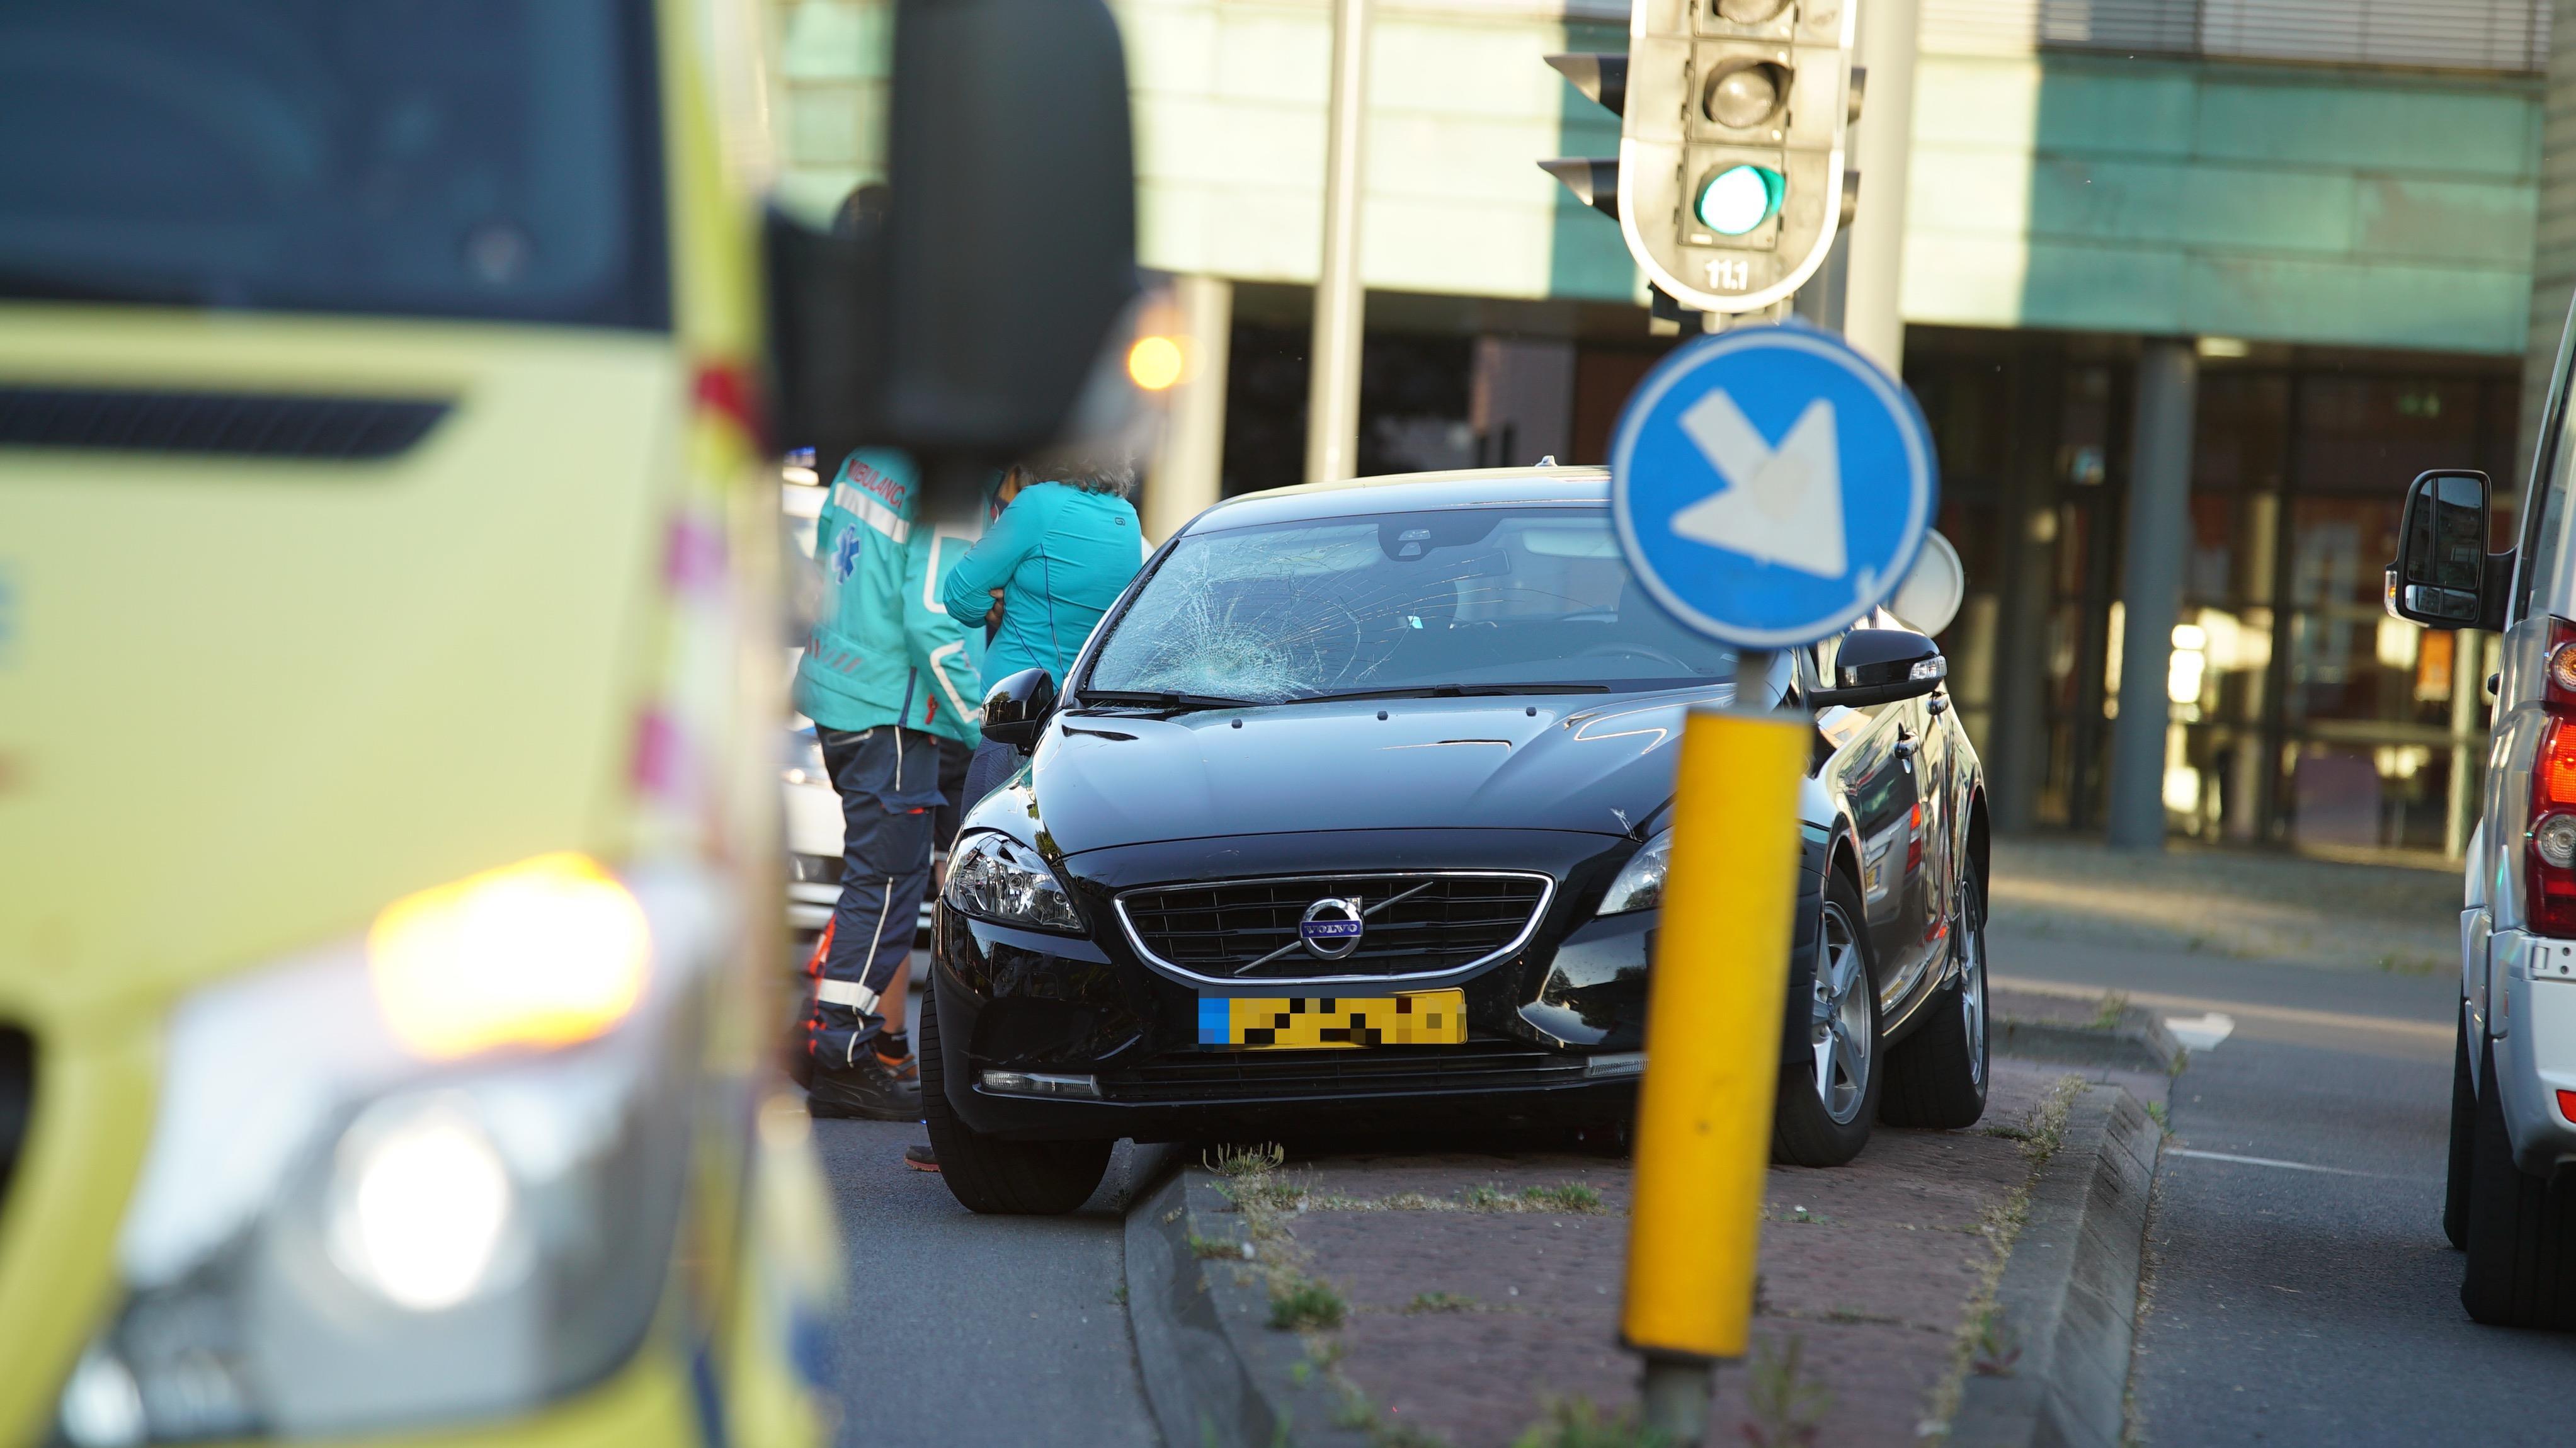 Ernstig ongeluk in Deventer, auto schept fietser en twee voetgangers.